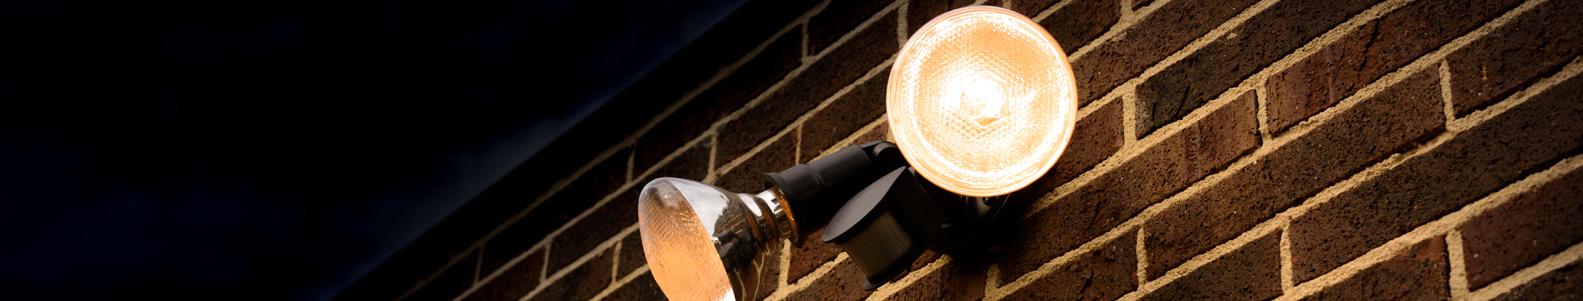 Sensorinis apšvietimas  LED ir halogeninės apšvietimo  lempos su judesio jutikliais